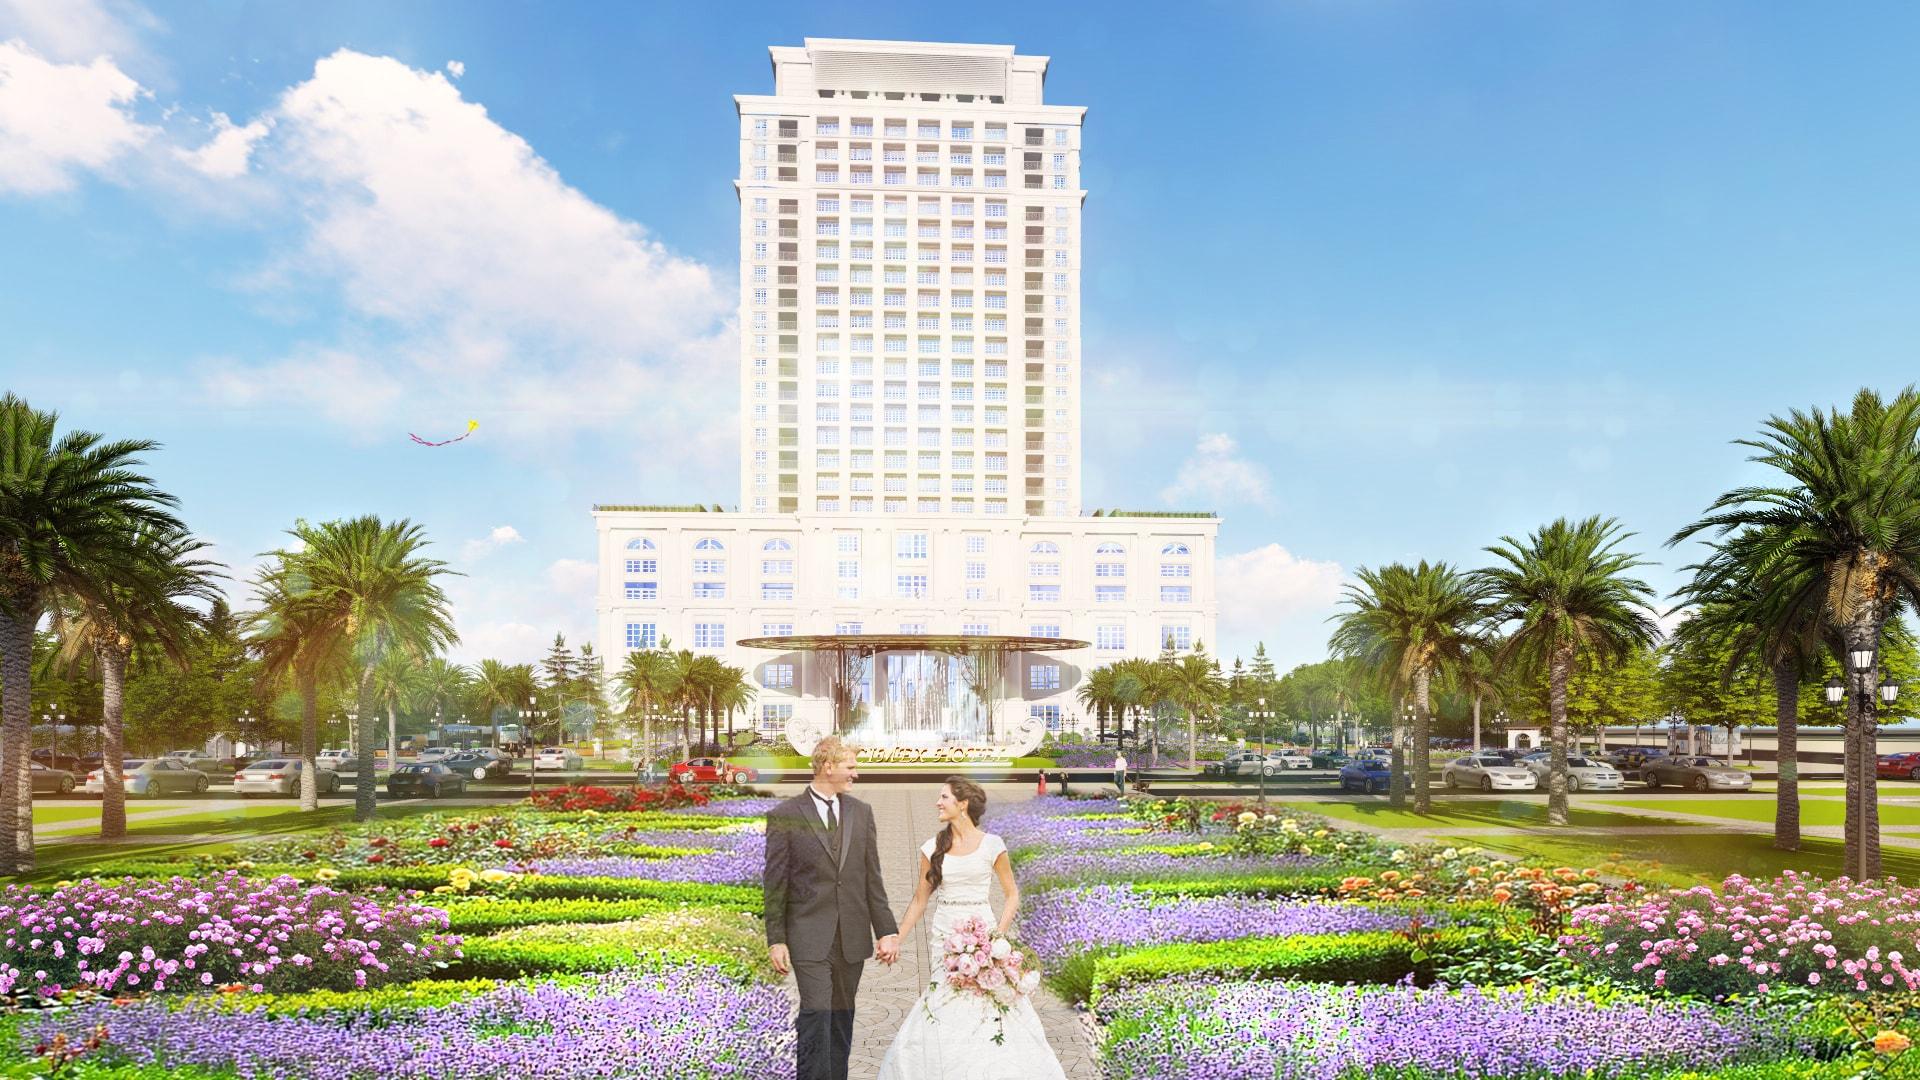 thiết kế cảnh quan khách sạn